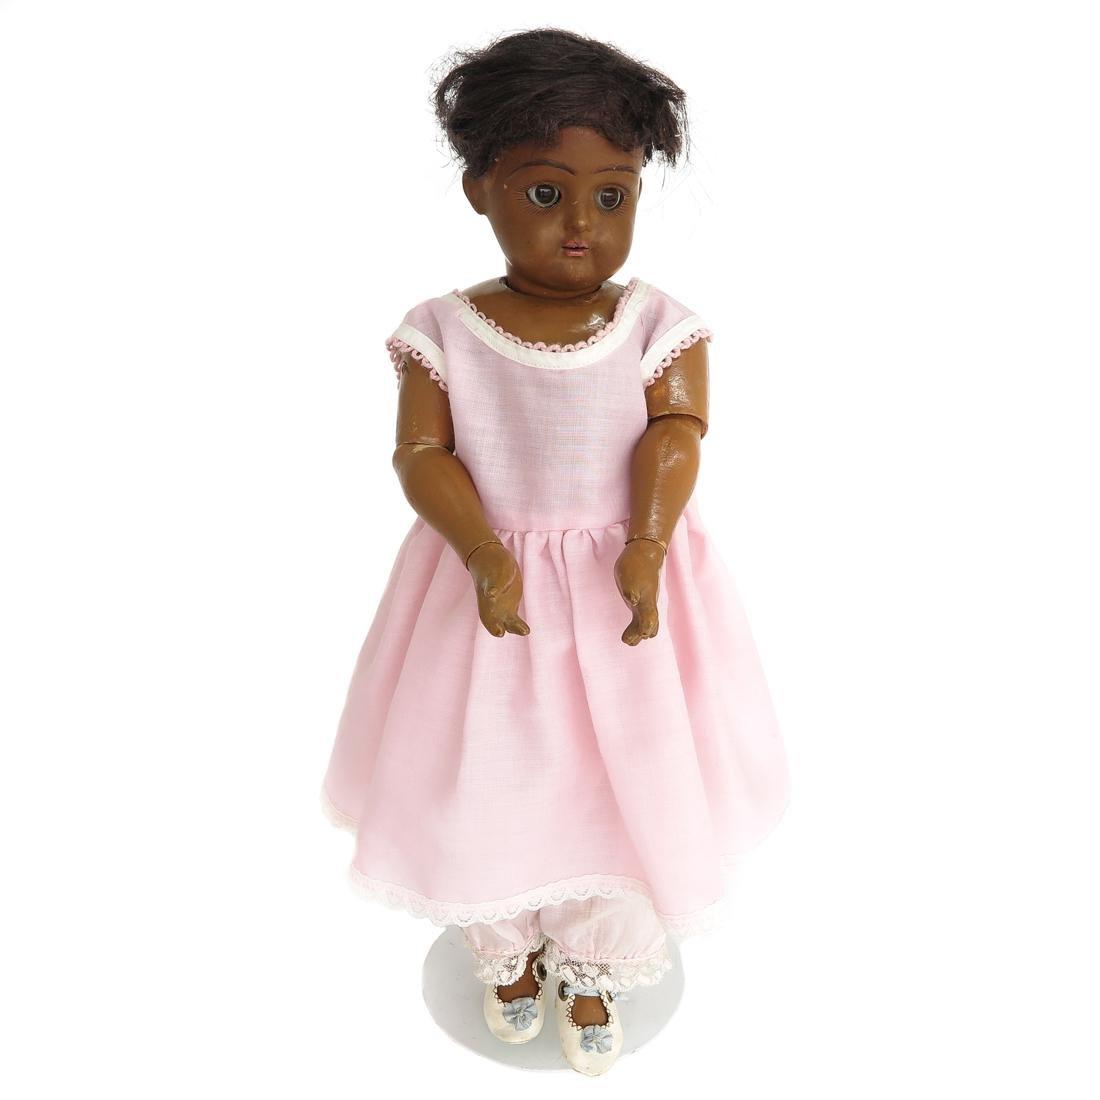 Vintage Composition Black Doll